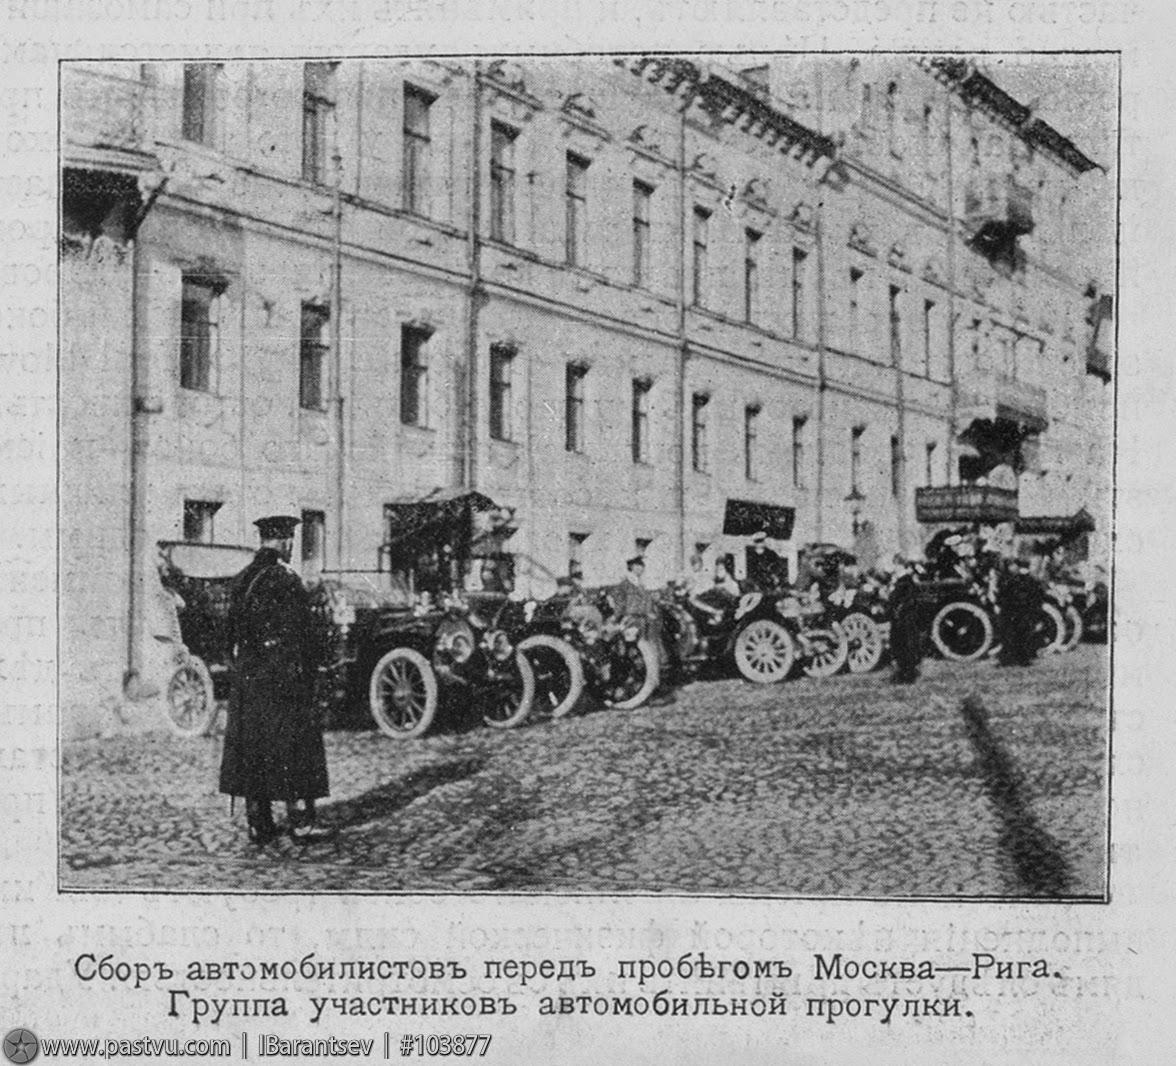 Mosc de la revoluci n el edificio de la internacional comunista 1919 1943 - Abreviatura de arquitecto ...